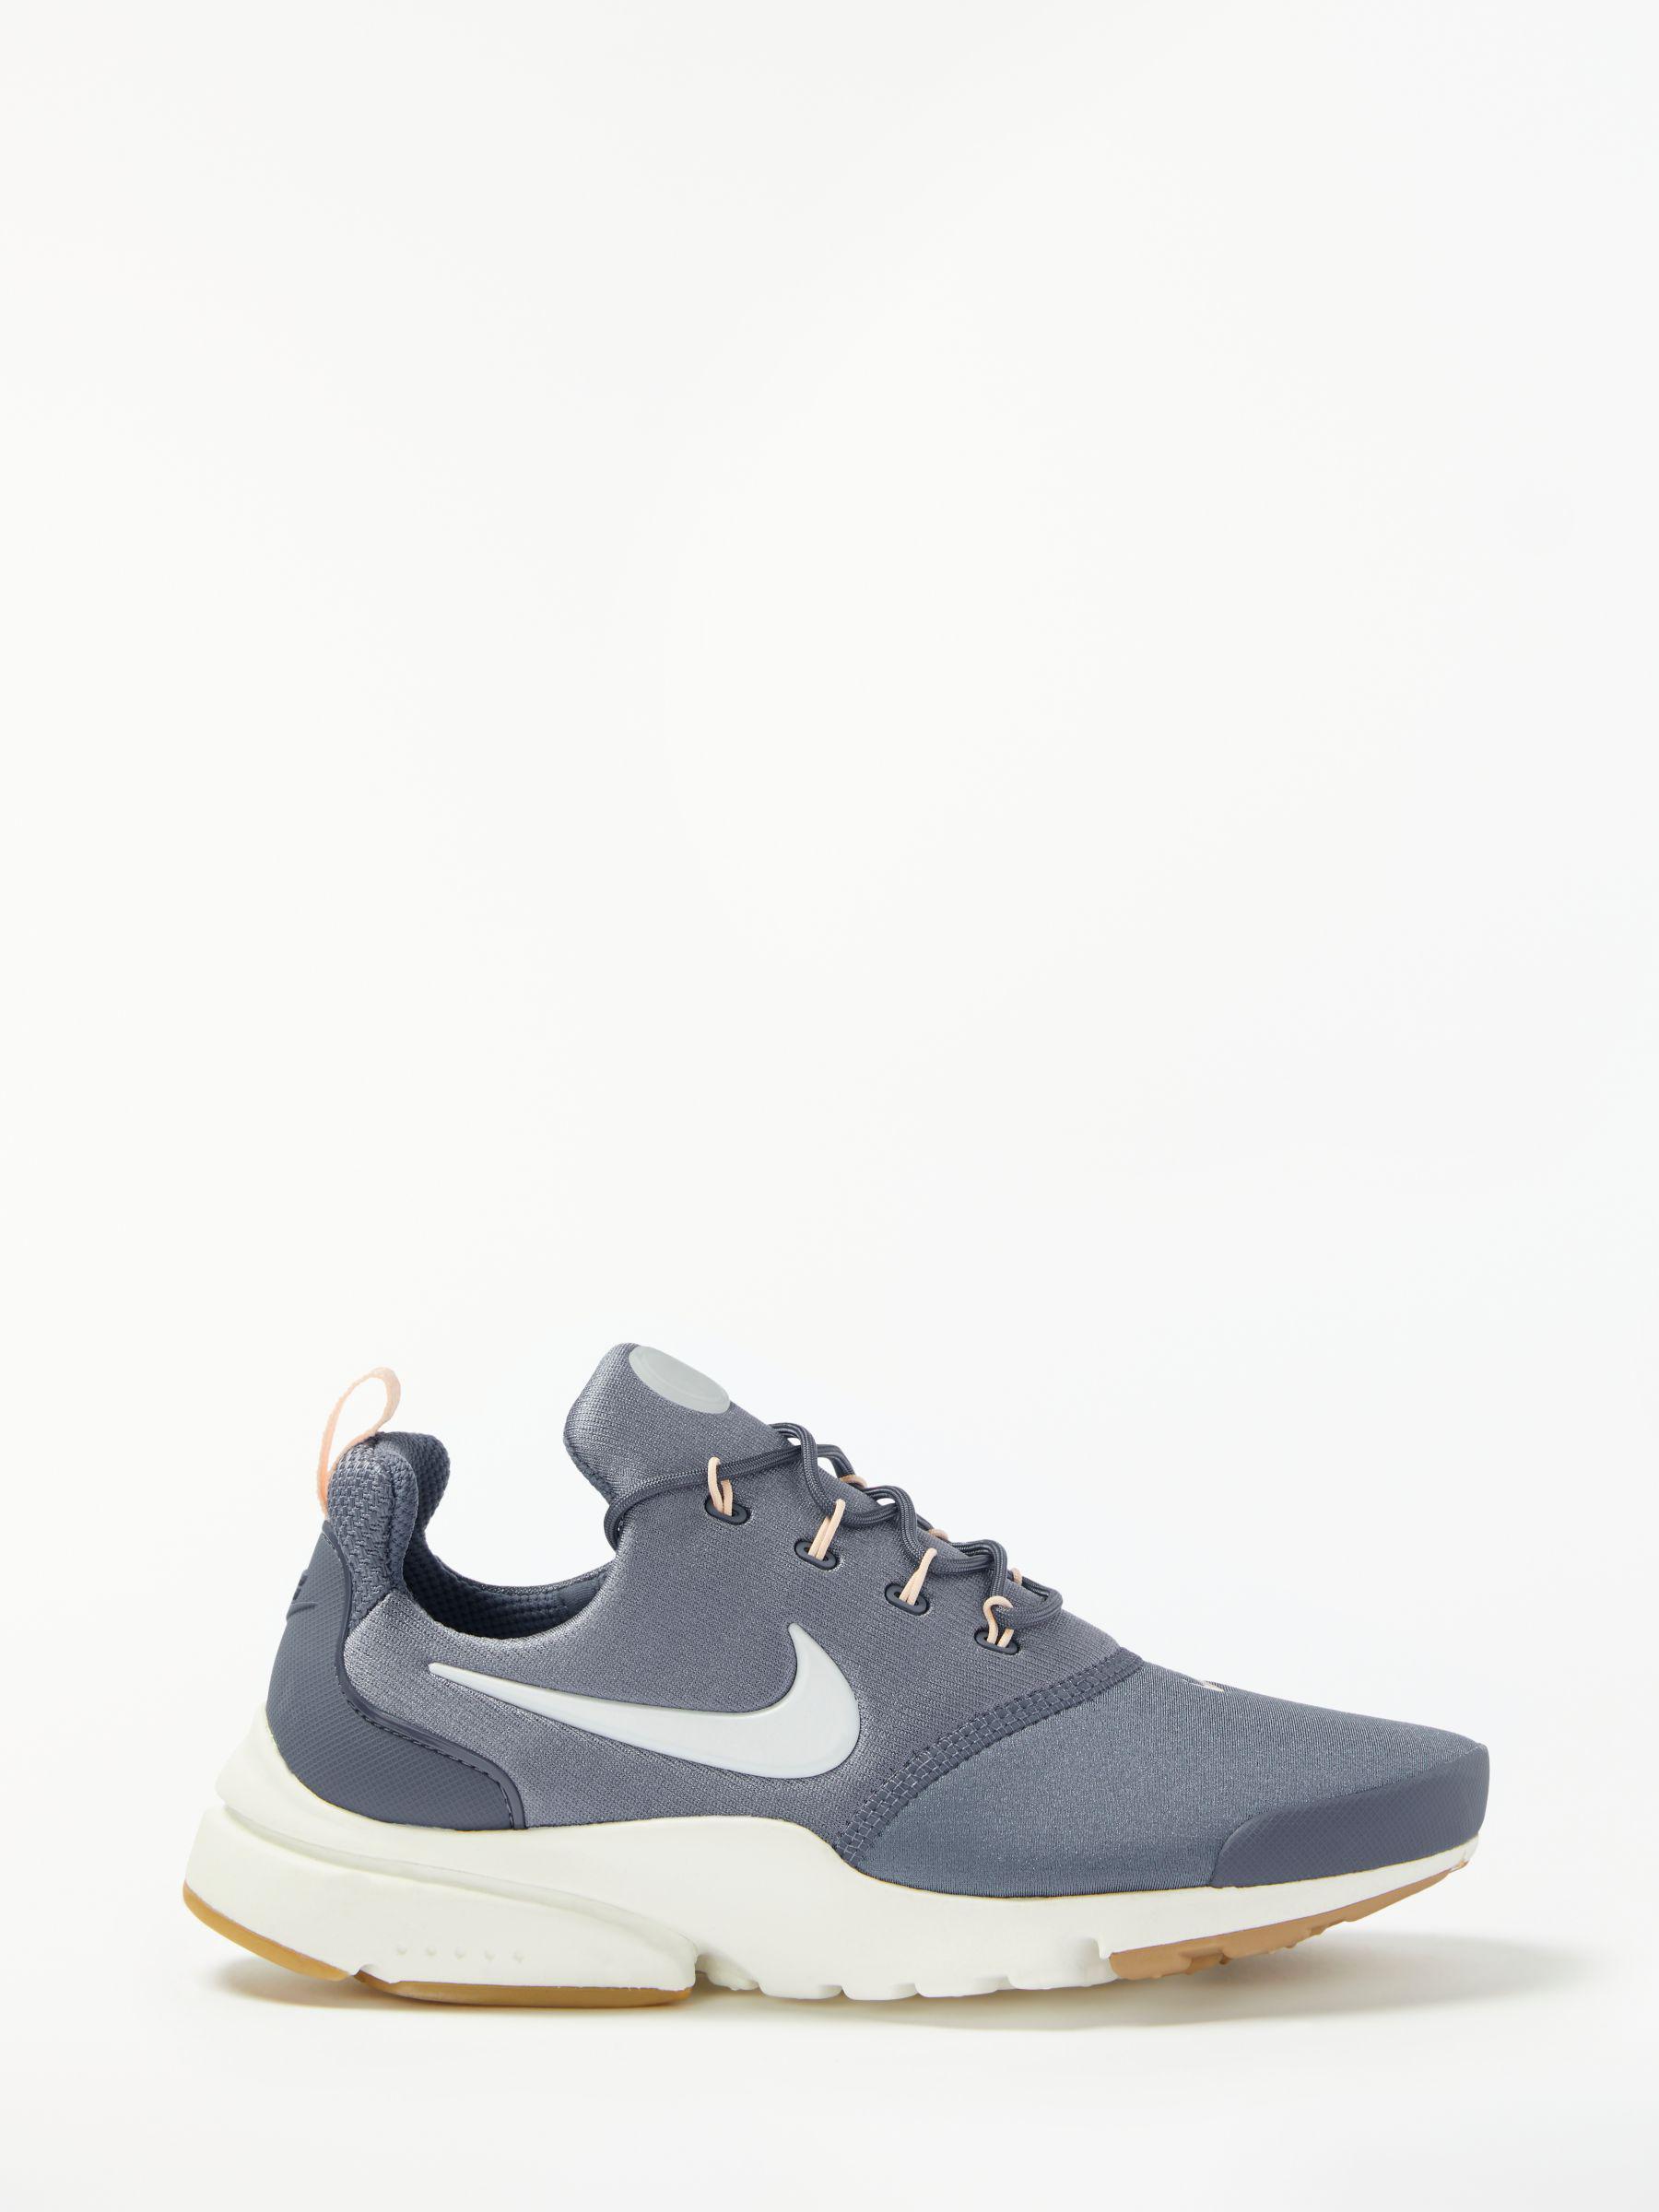 b4b4d6de201 Nike Presto Fly Women s Trainers - Lyst